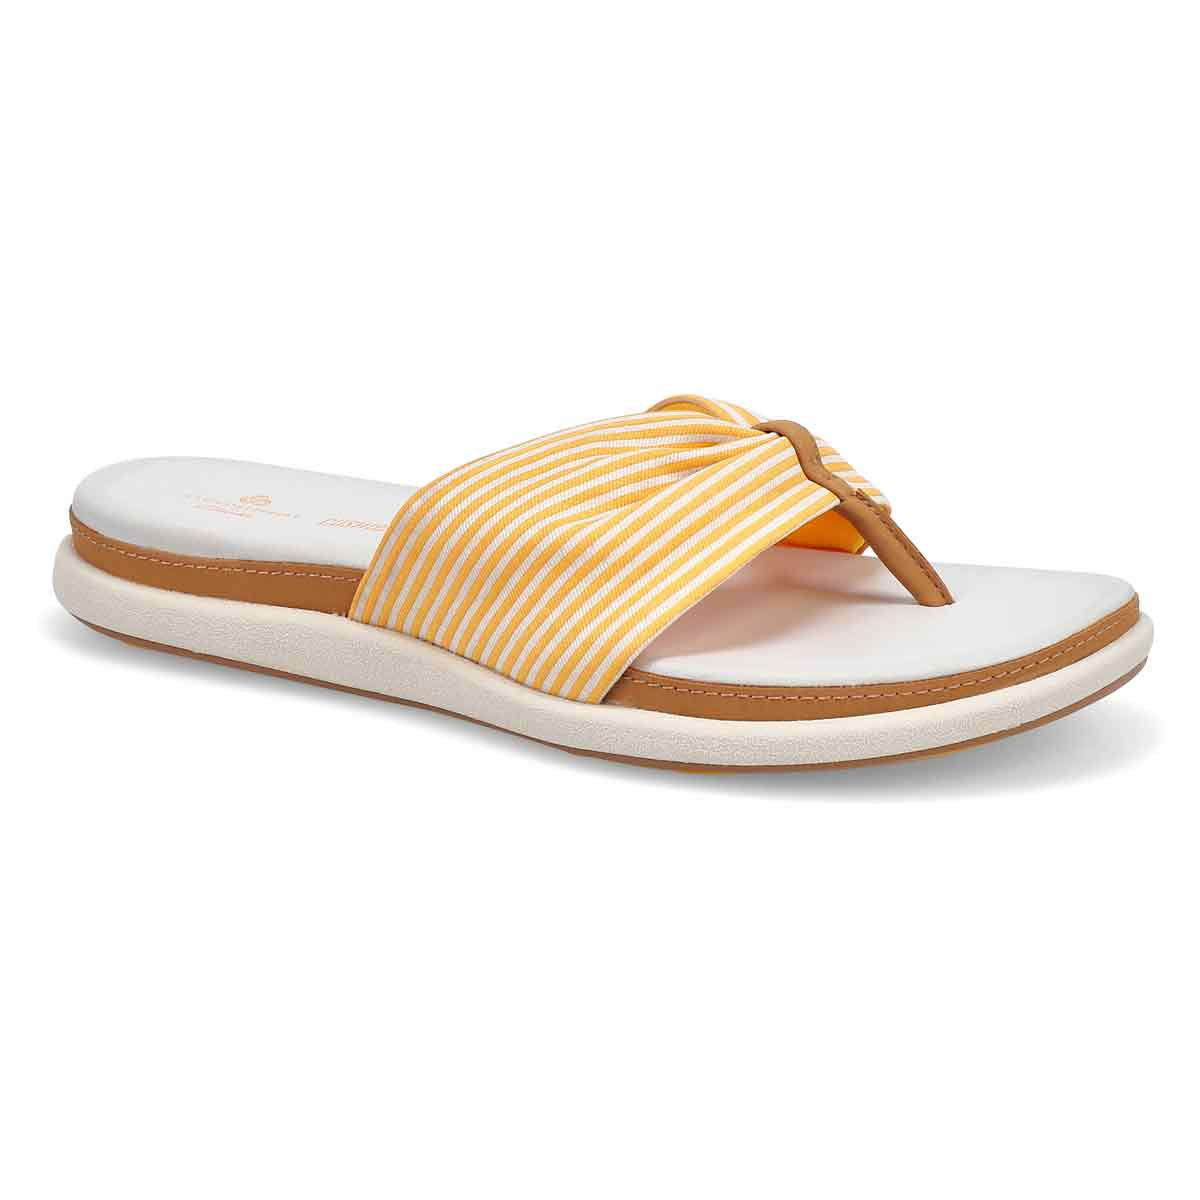 Women's Eliza June Flip Flop-Golden Yellow/Off Wht